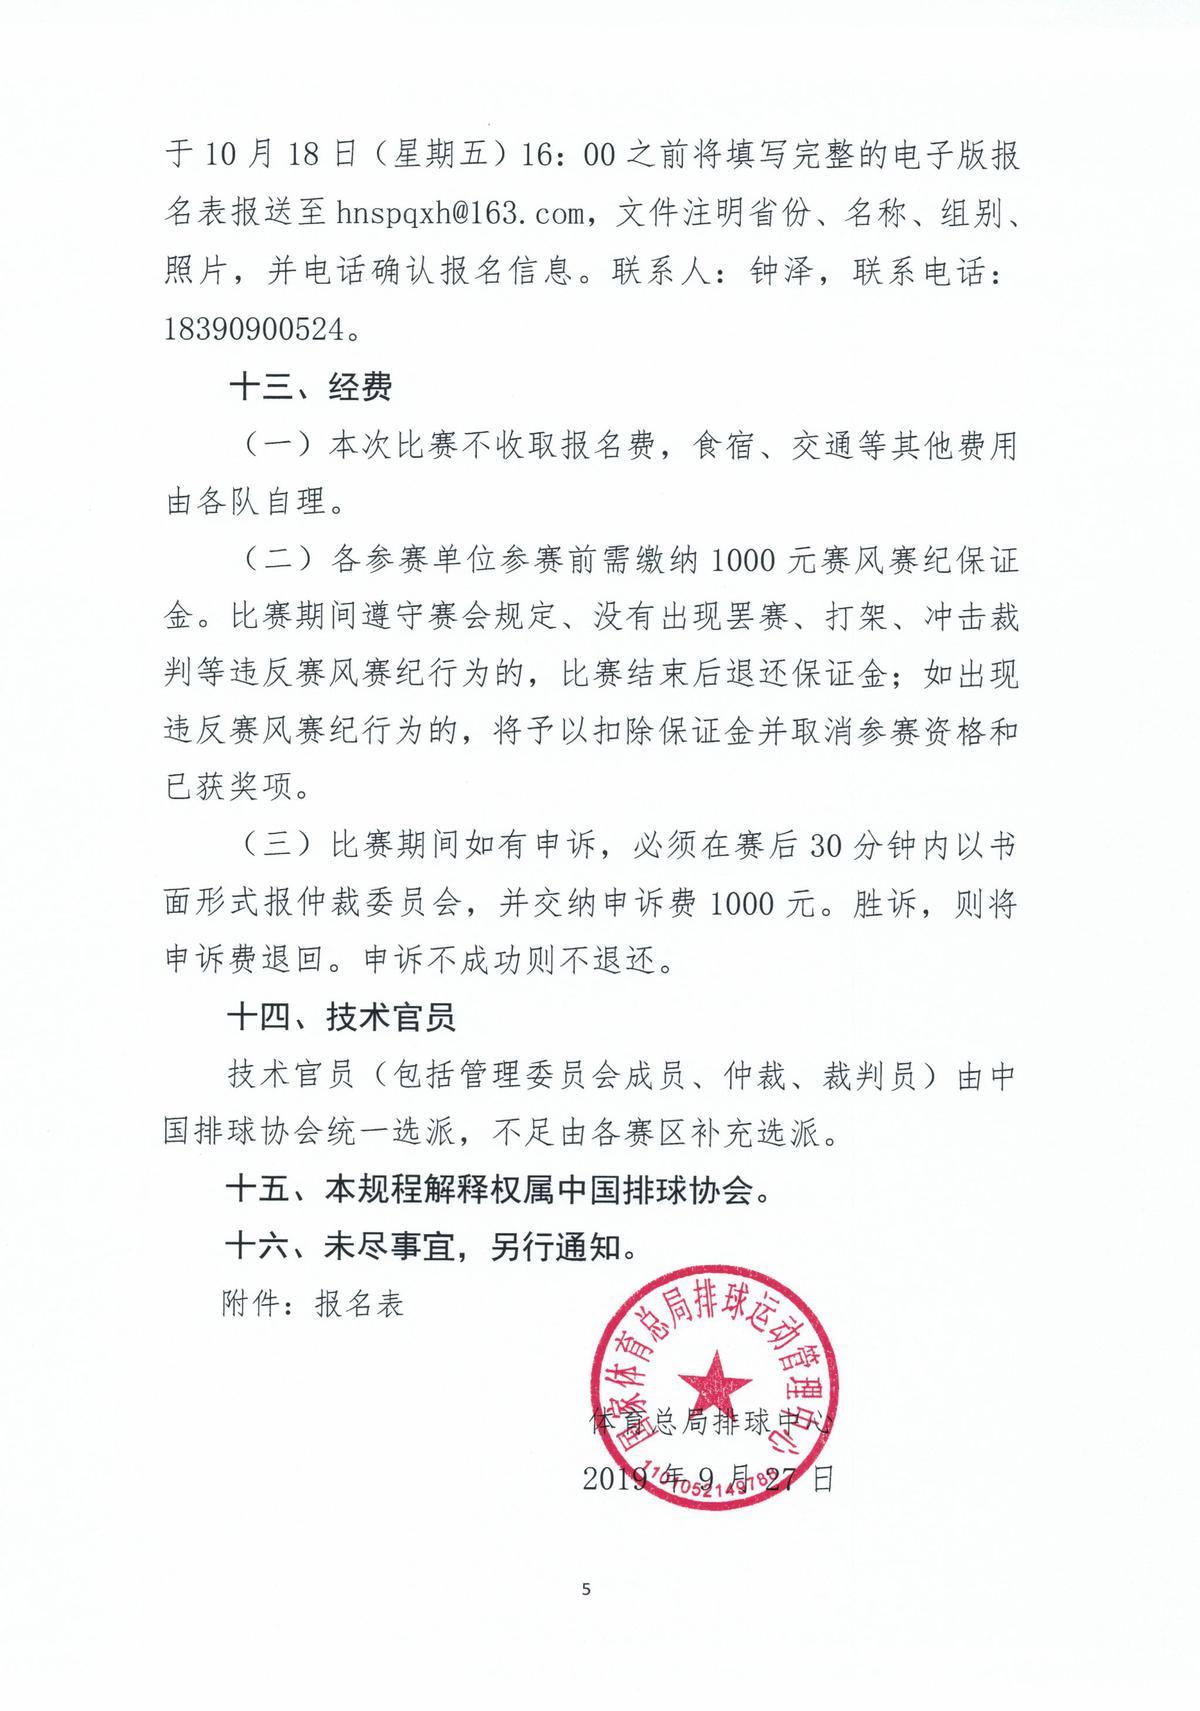 湖南总决赛规程_000343